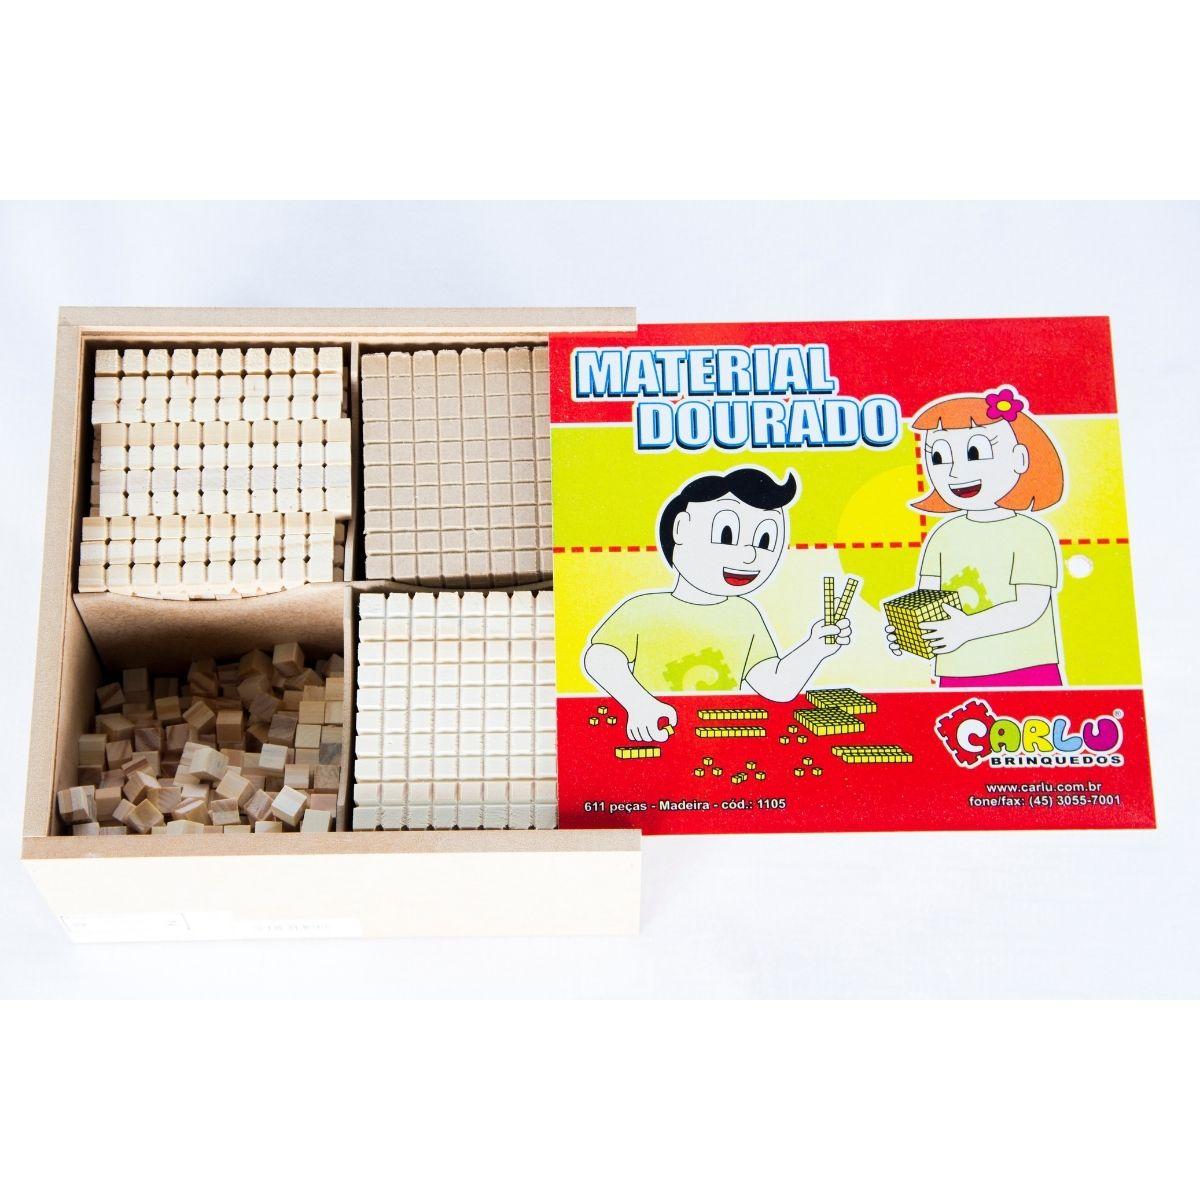 Brinquedo Material Dourado Madeira - 611 peças